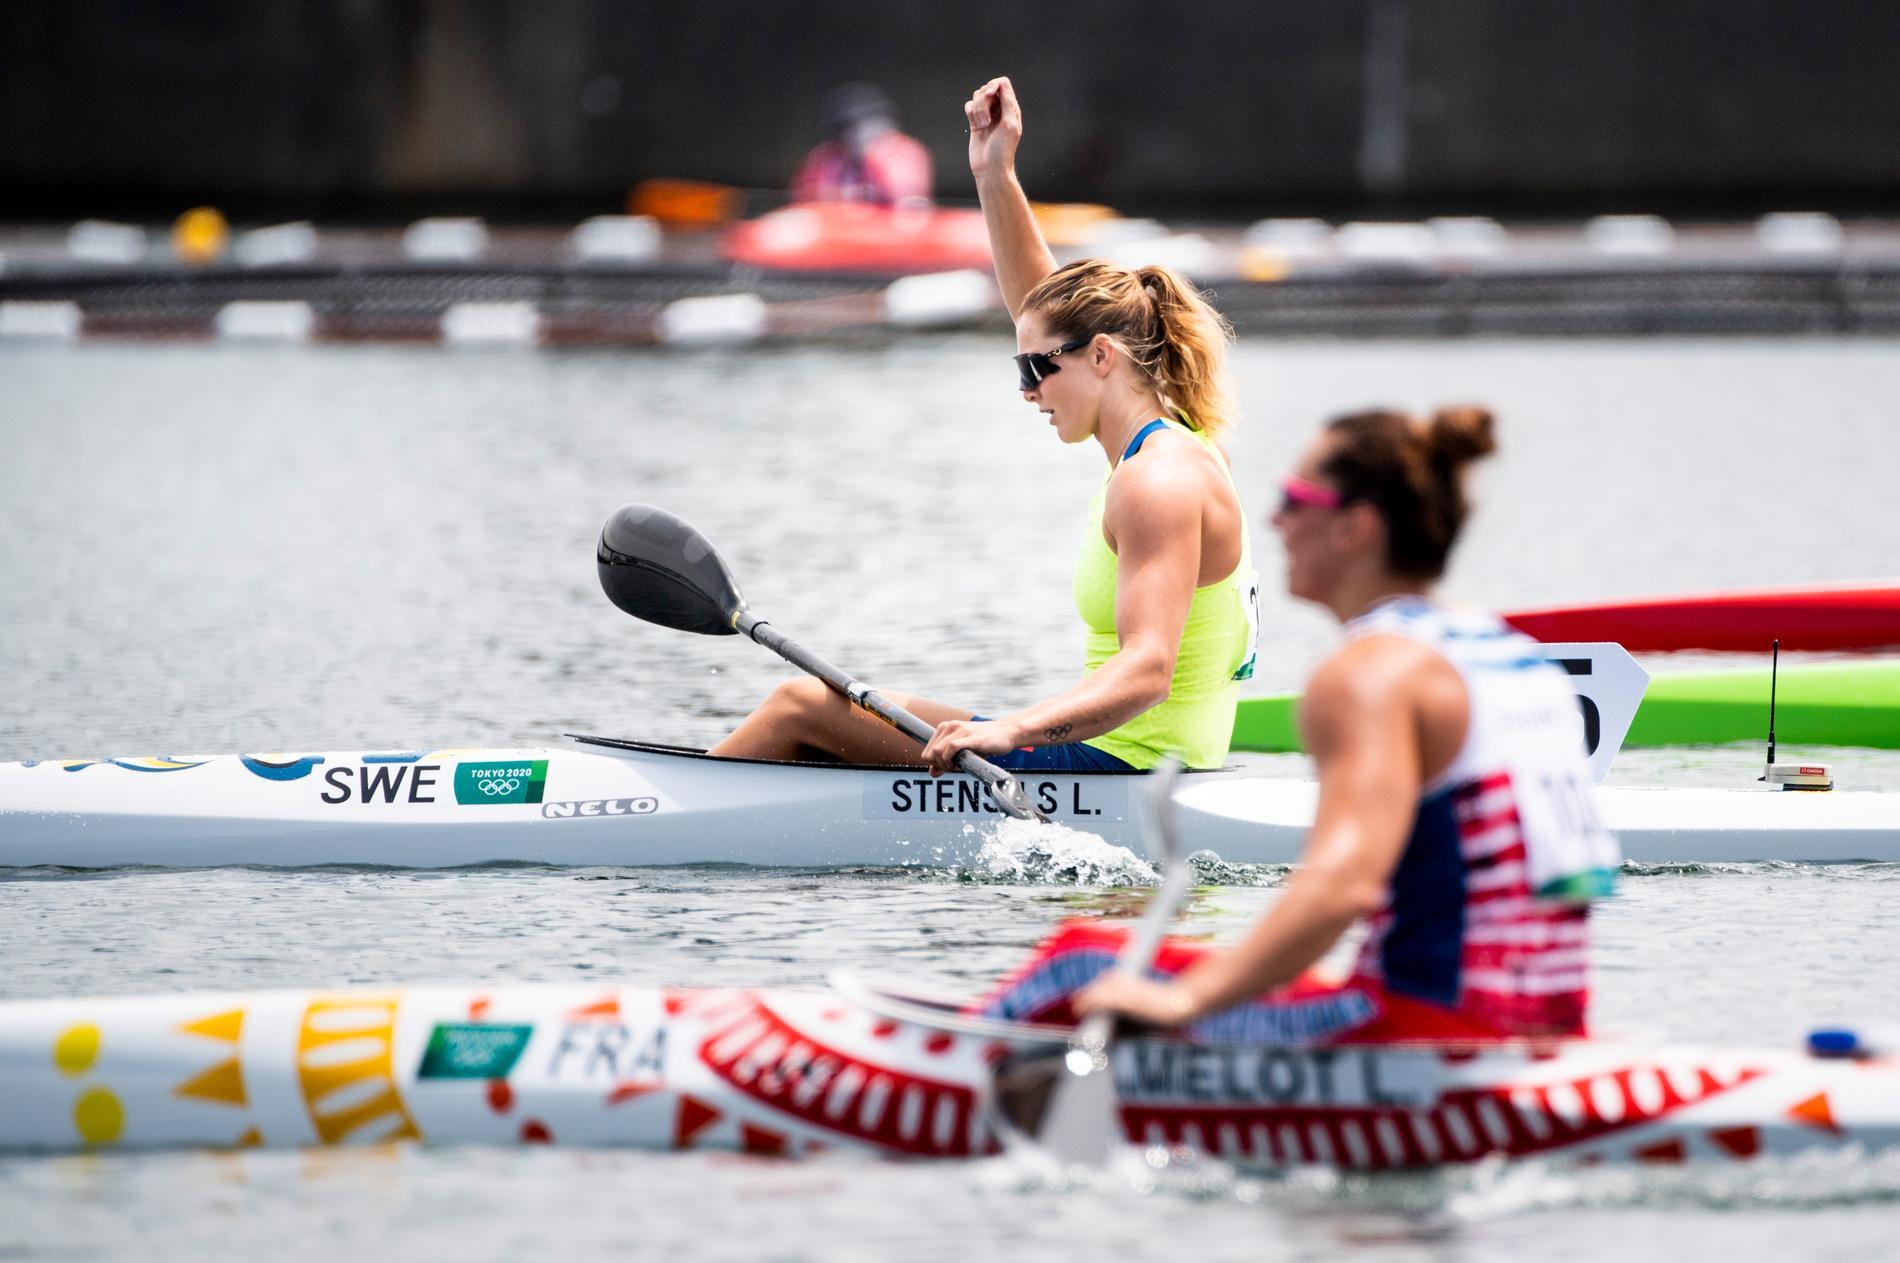 Sveriges Linnea Stensils vann sin kvartsfinal i kanot, K1 200 meter, under sommar-OS i Tokyo. Hon är därmed klar för semifinal.